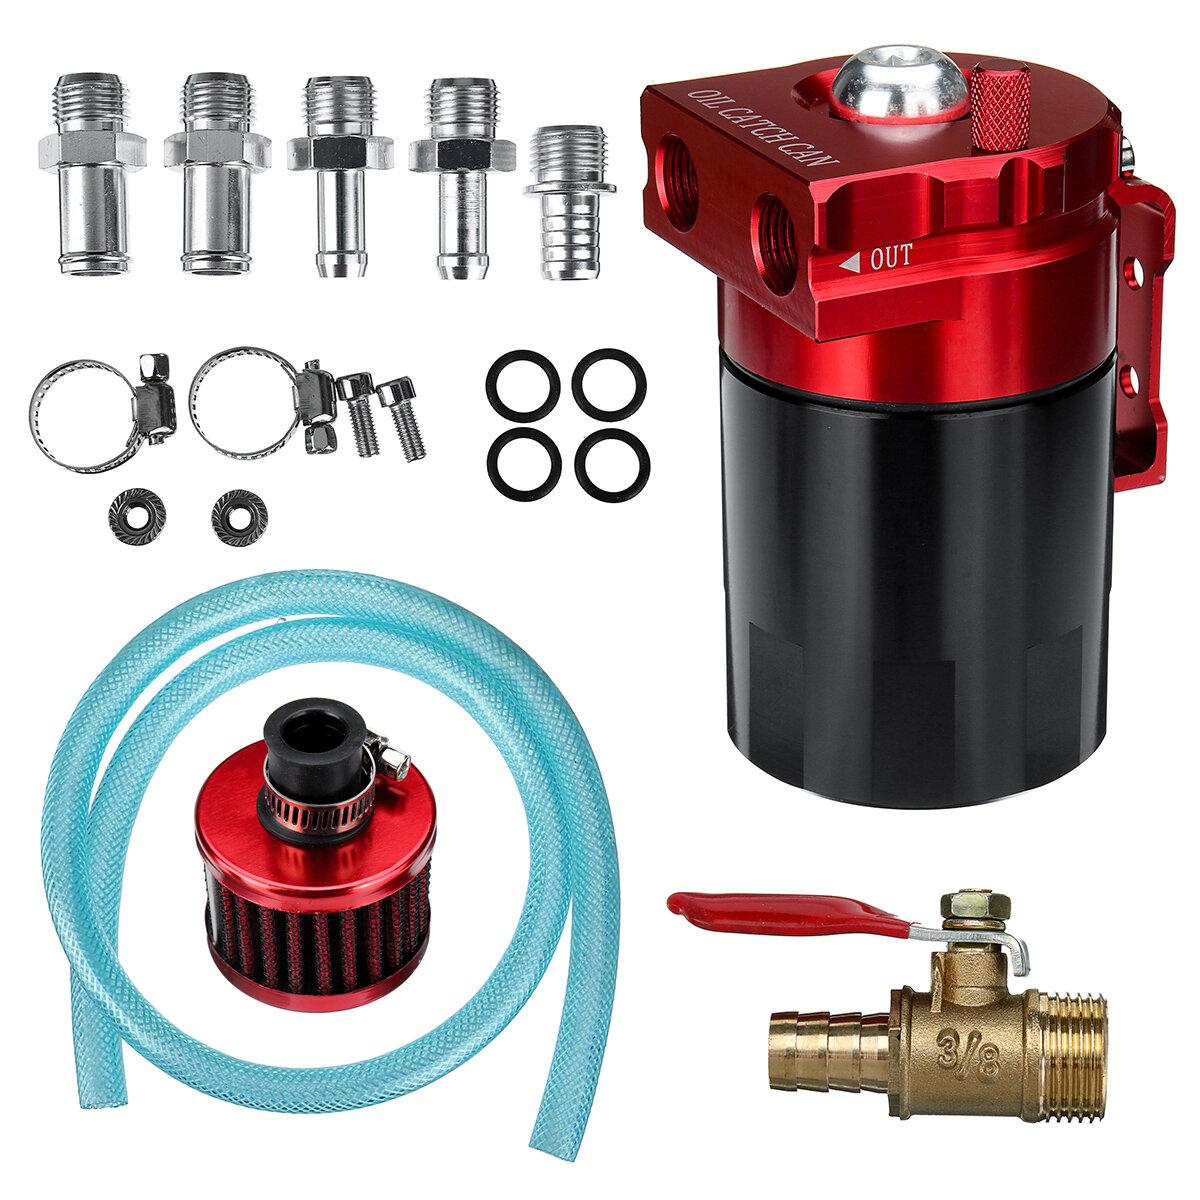 Depósito universal de 300 ml Oil con filtro de ventilación Rojo / Azul para la modificación Coche